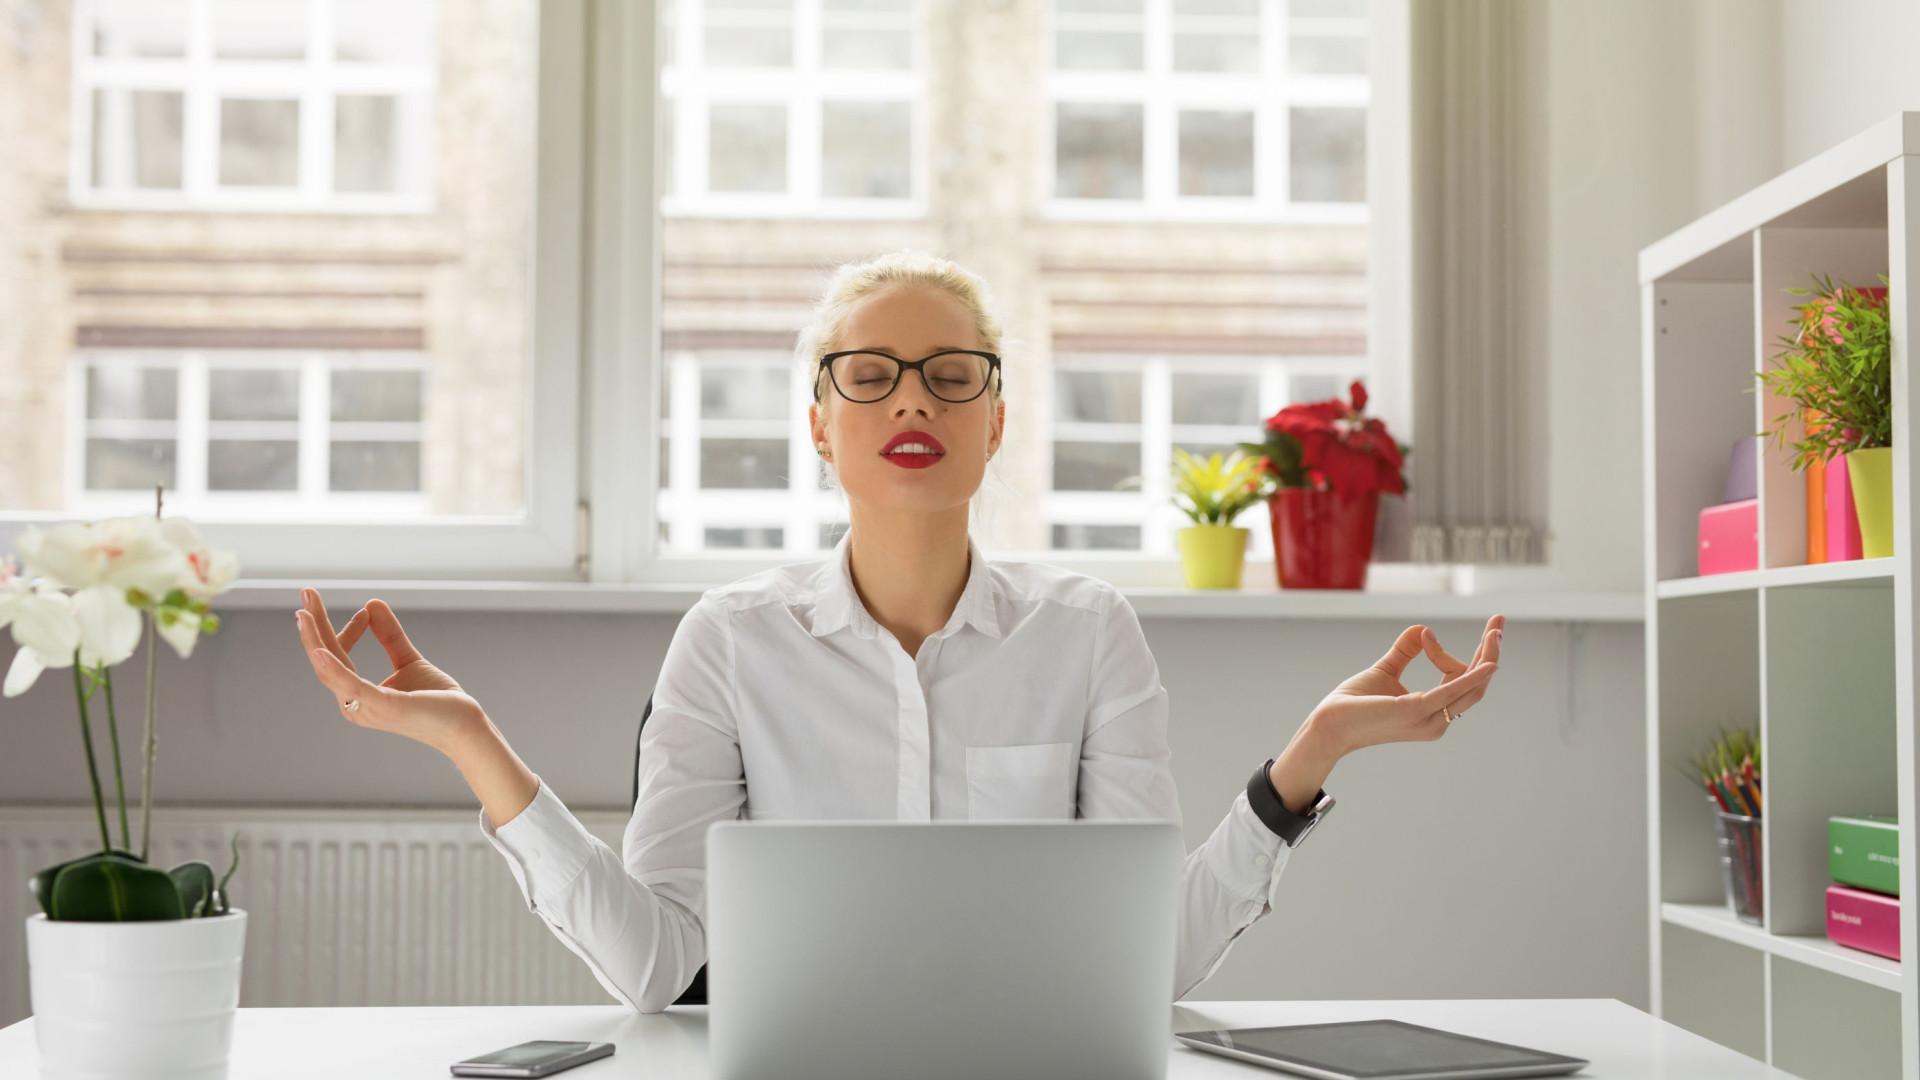 O stress está a comprometer a capacidade de pensar com clareza e não só